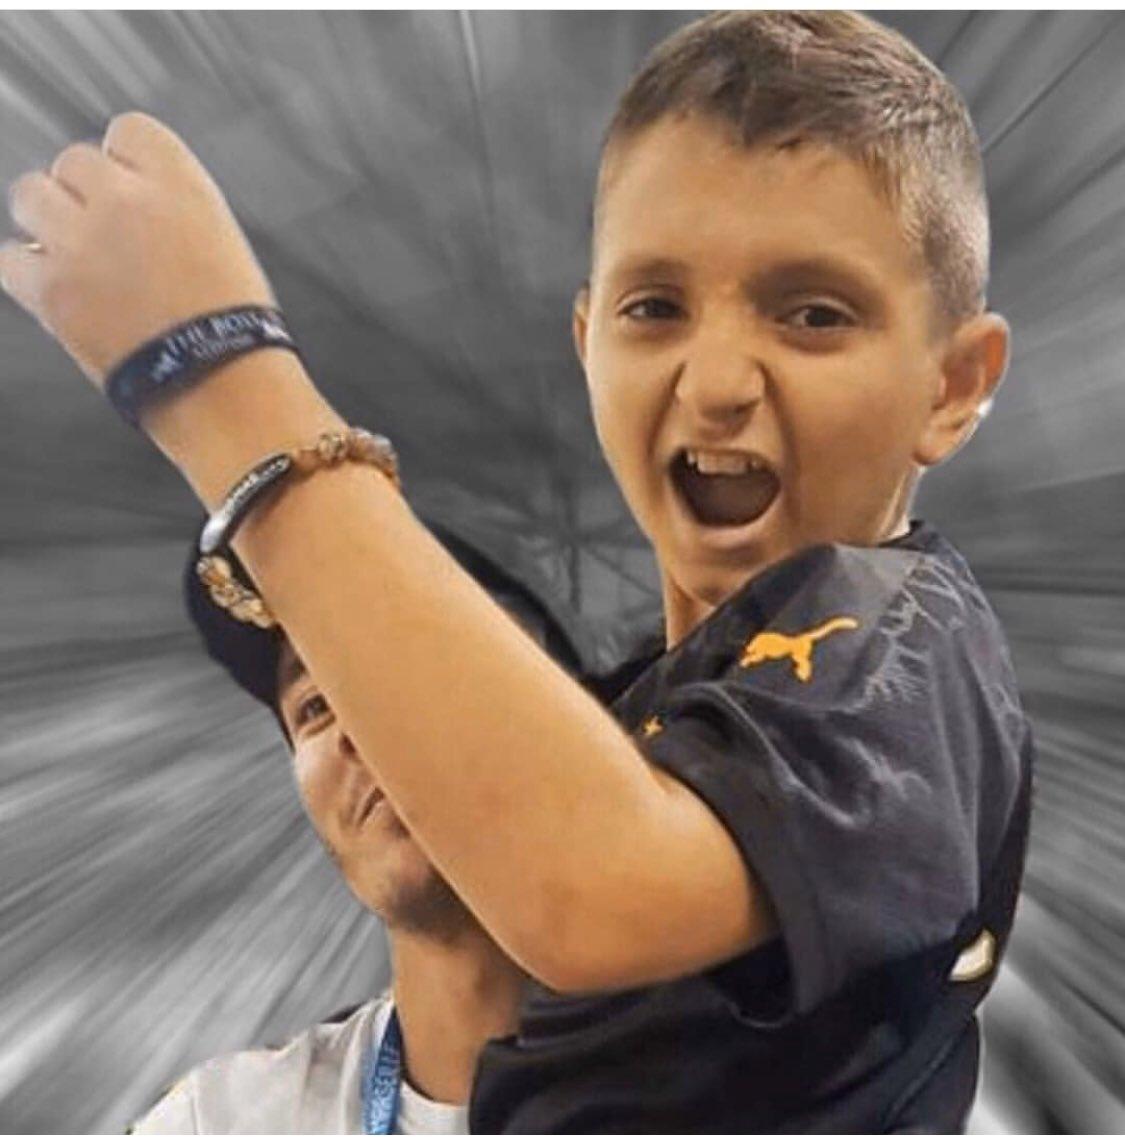 Je présente toutes mes condoléances à la famille du petit Thomas ! Un petit prince qui s'est toujours battu avec courage face à la maladie. Un petit bonhomme si digne avec une force incroyable.